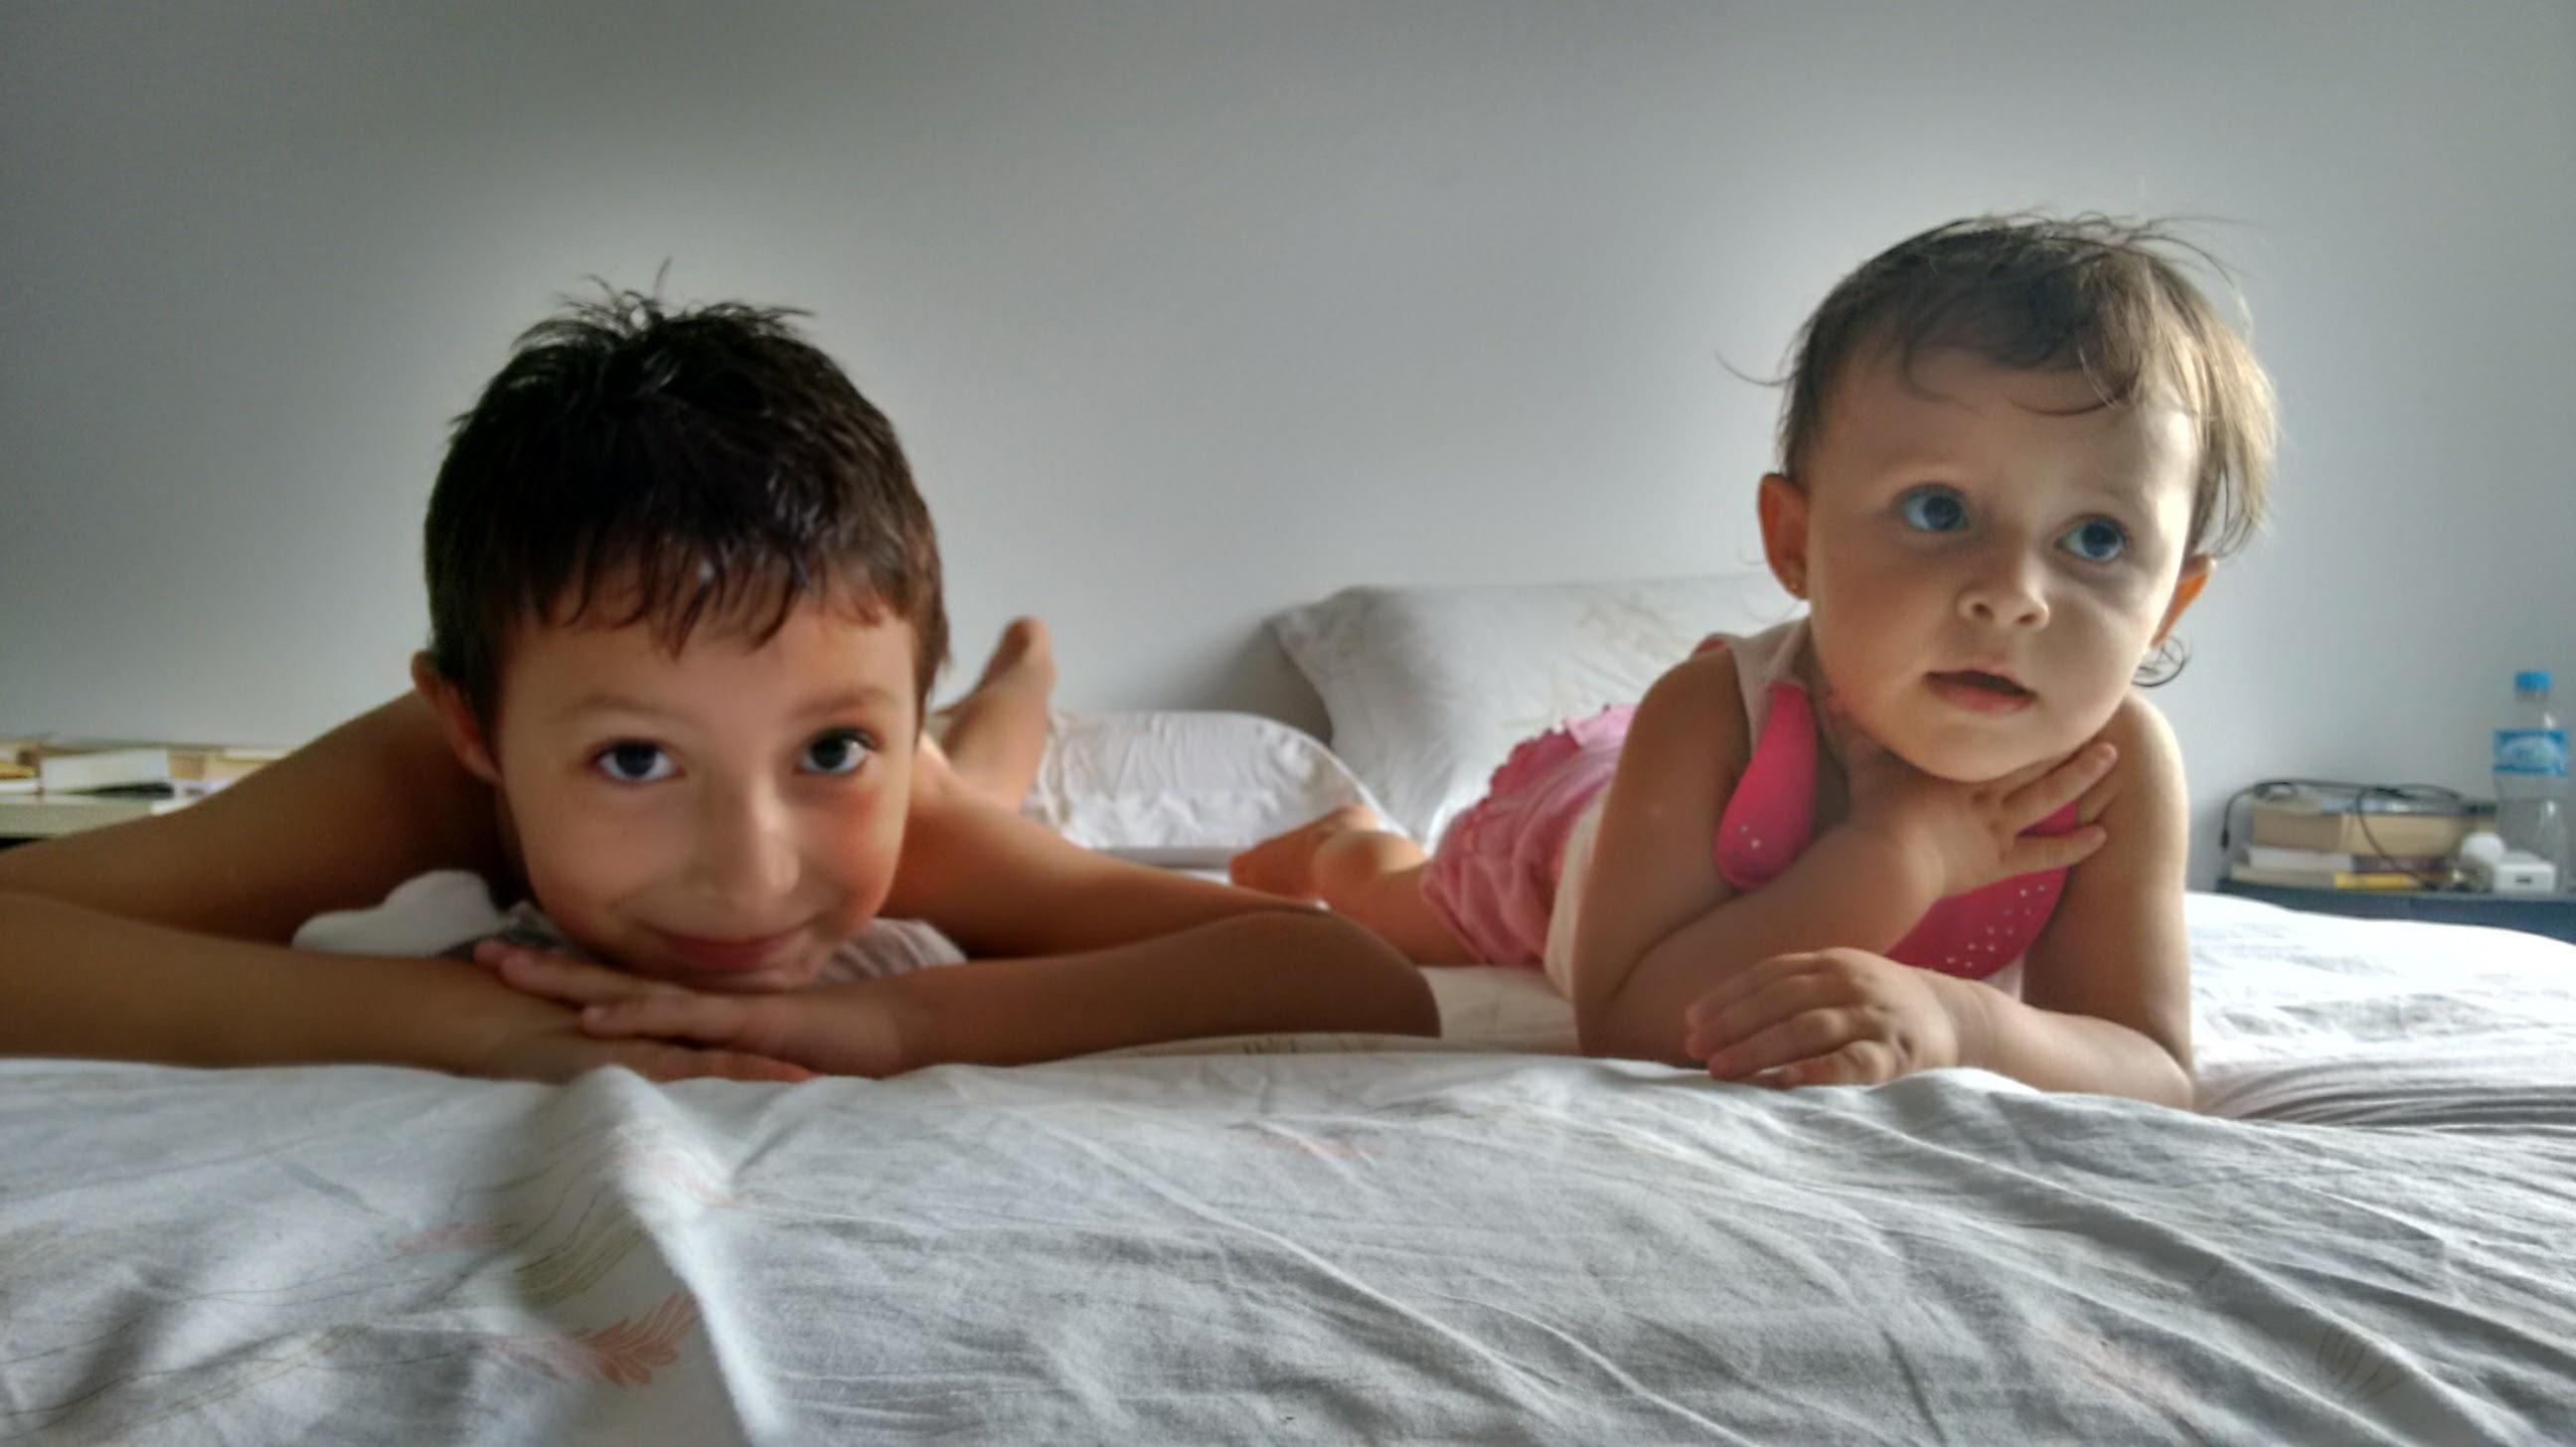 Filhos :: A Diferença De Idade Entre Eles